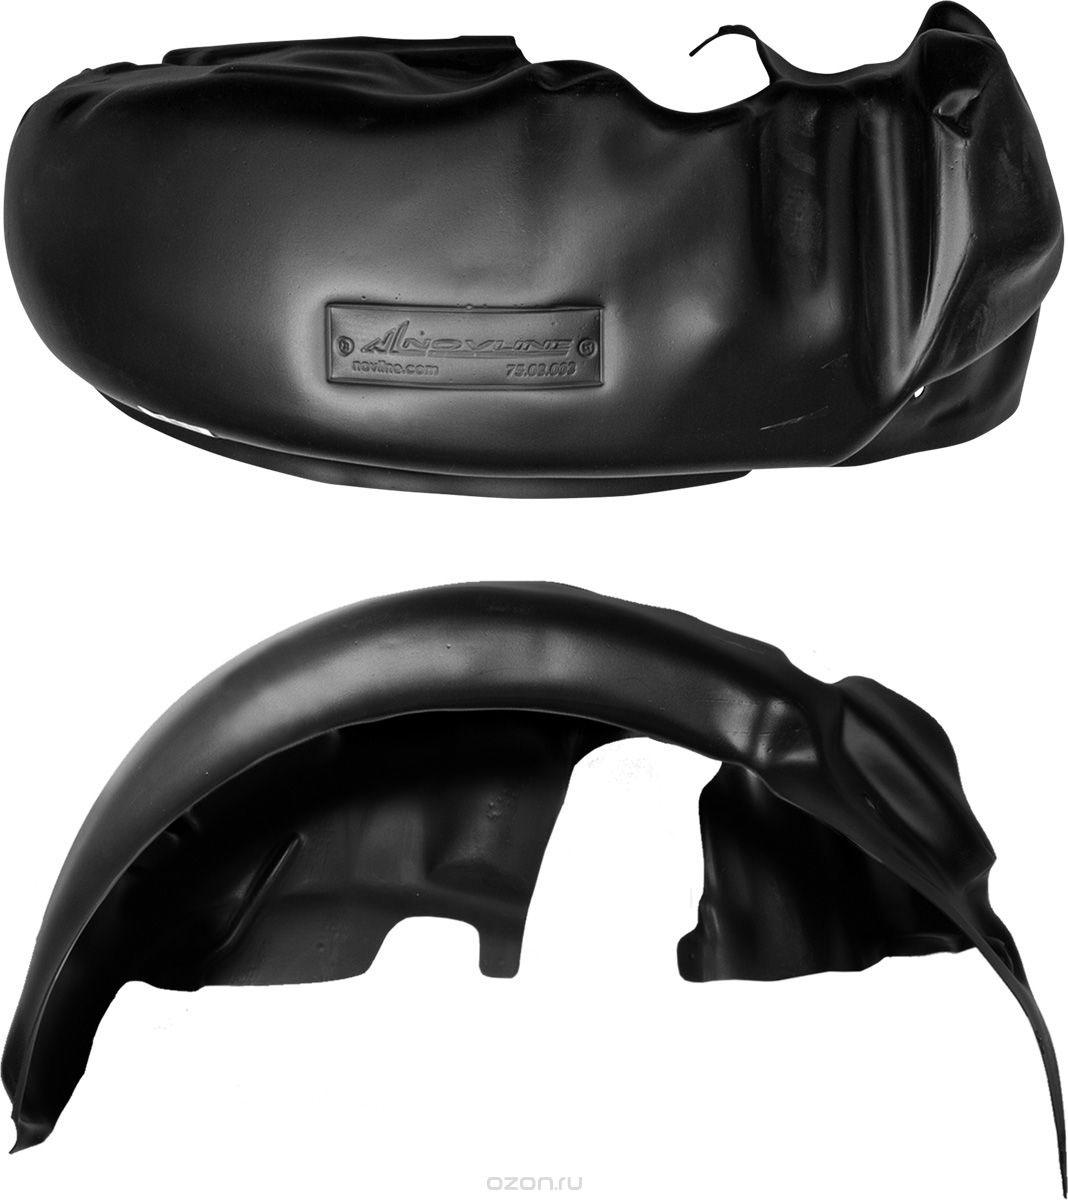 Подкрылок Novline-Autofamily, для Toyota Camry, 07/2006-2011, передний левыйNLL.48.14.001Идеальная защита колесной ниши. Локеры разработаны с применением цифровых технологий, гарантируют максимальную повторяемость поверхности арки. Изделия устанавливаются без нарушения лакокрасочного покрытия автомобиля, каждый подкрылок комплектуется крепежом. Уважаемые клиенты, обращаем ваше внимание, что фотографии на подкрылки универсальные и не отражают реальную форму изделия. При этом само изделие идет точно под размер указанного автомобиля.